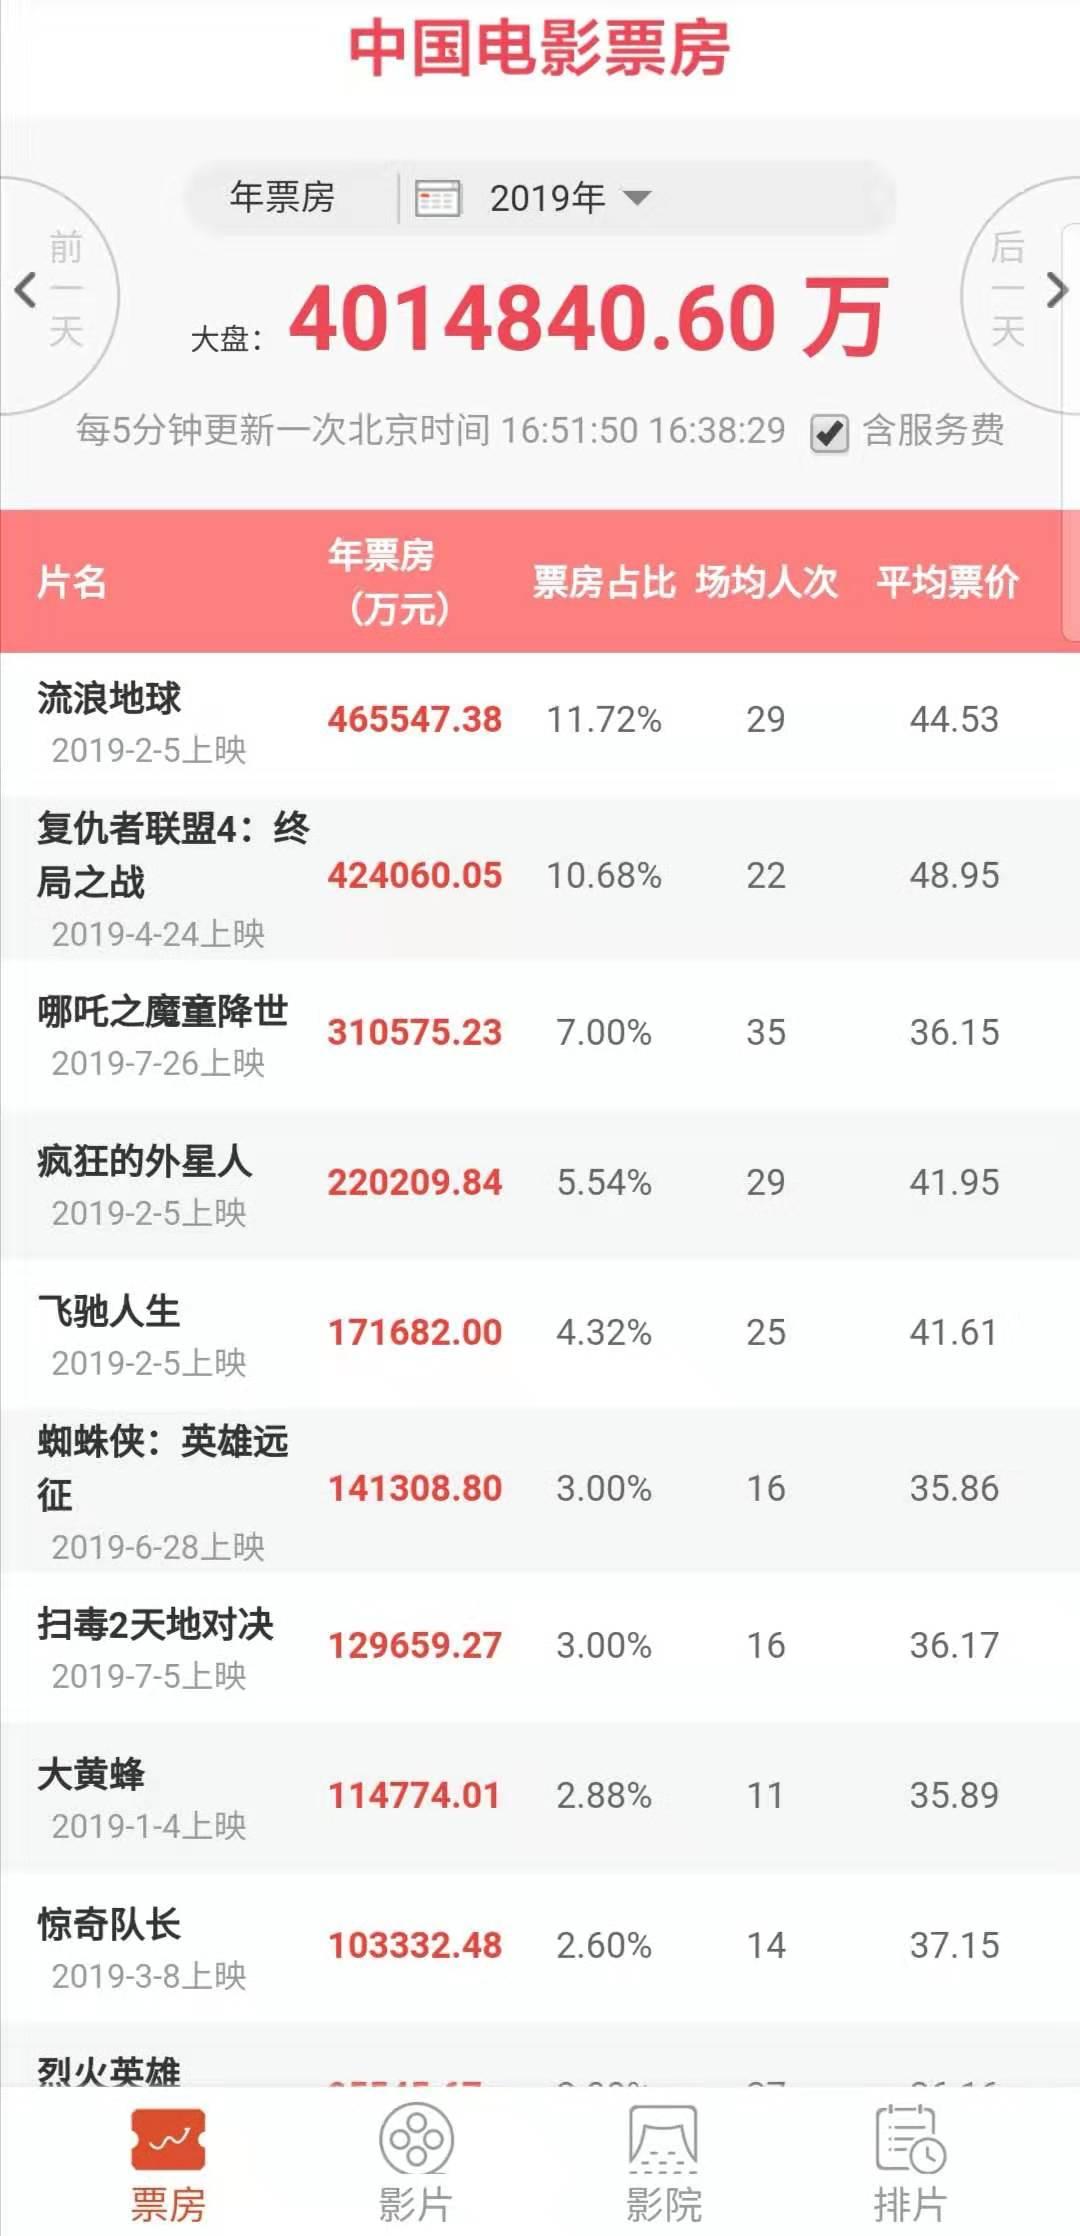 2019年中国电影票房已突破400亿